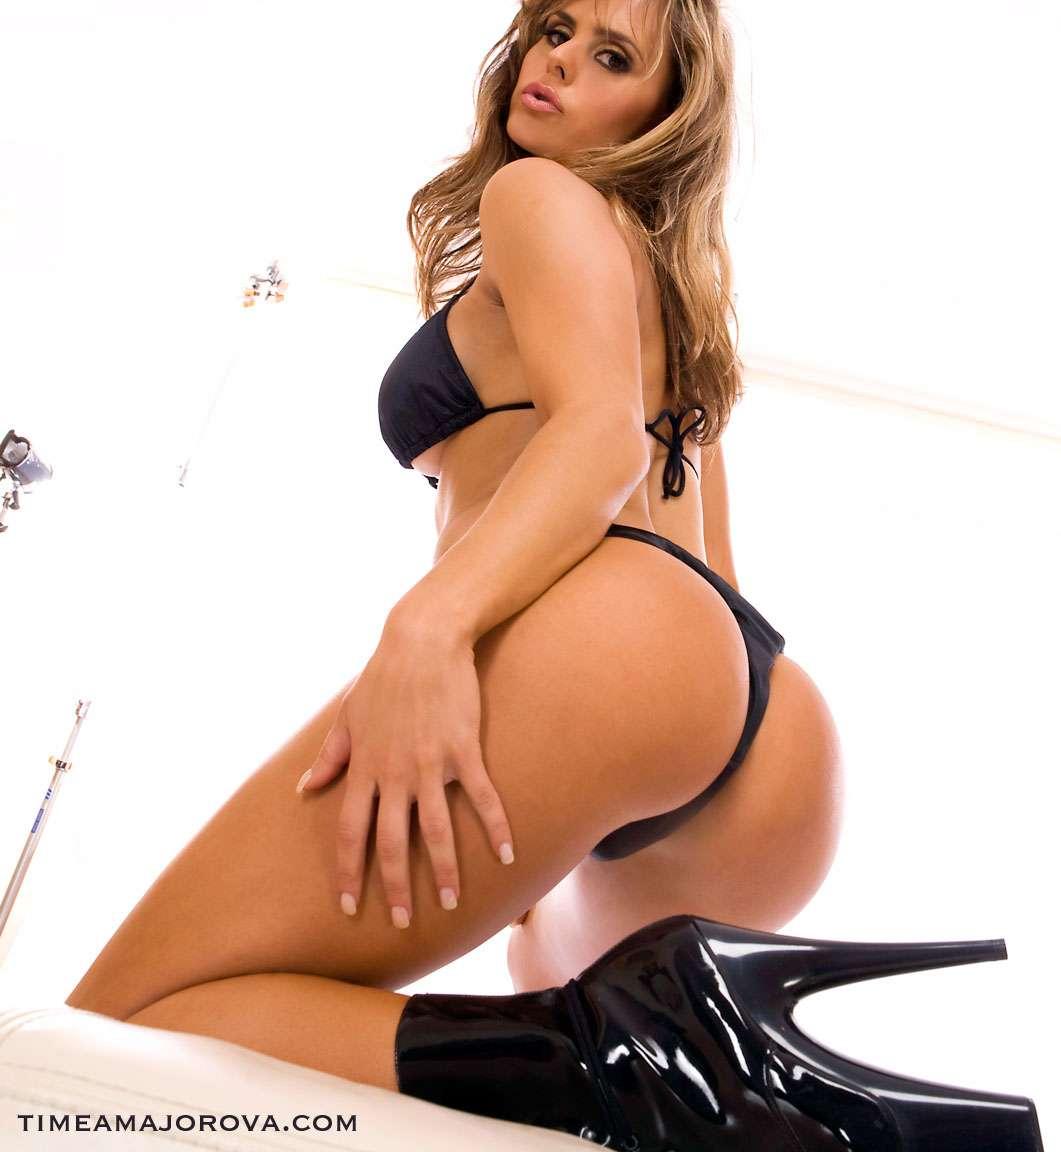 Nice big ass girl